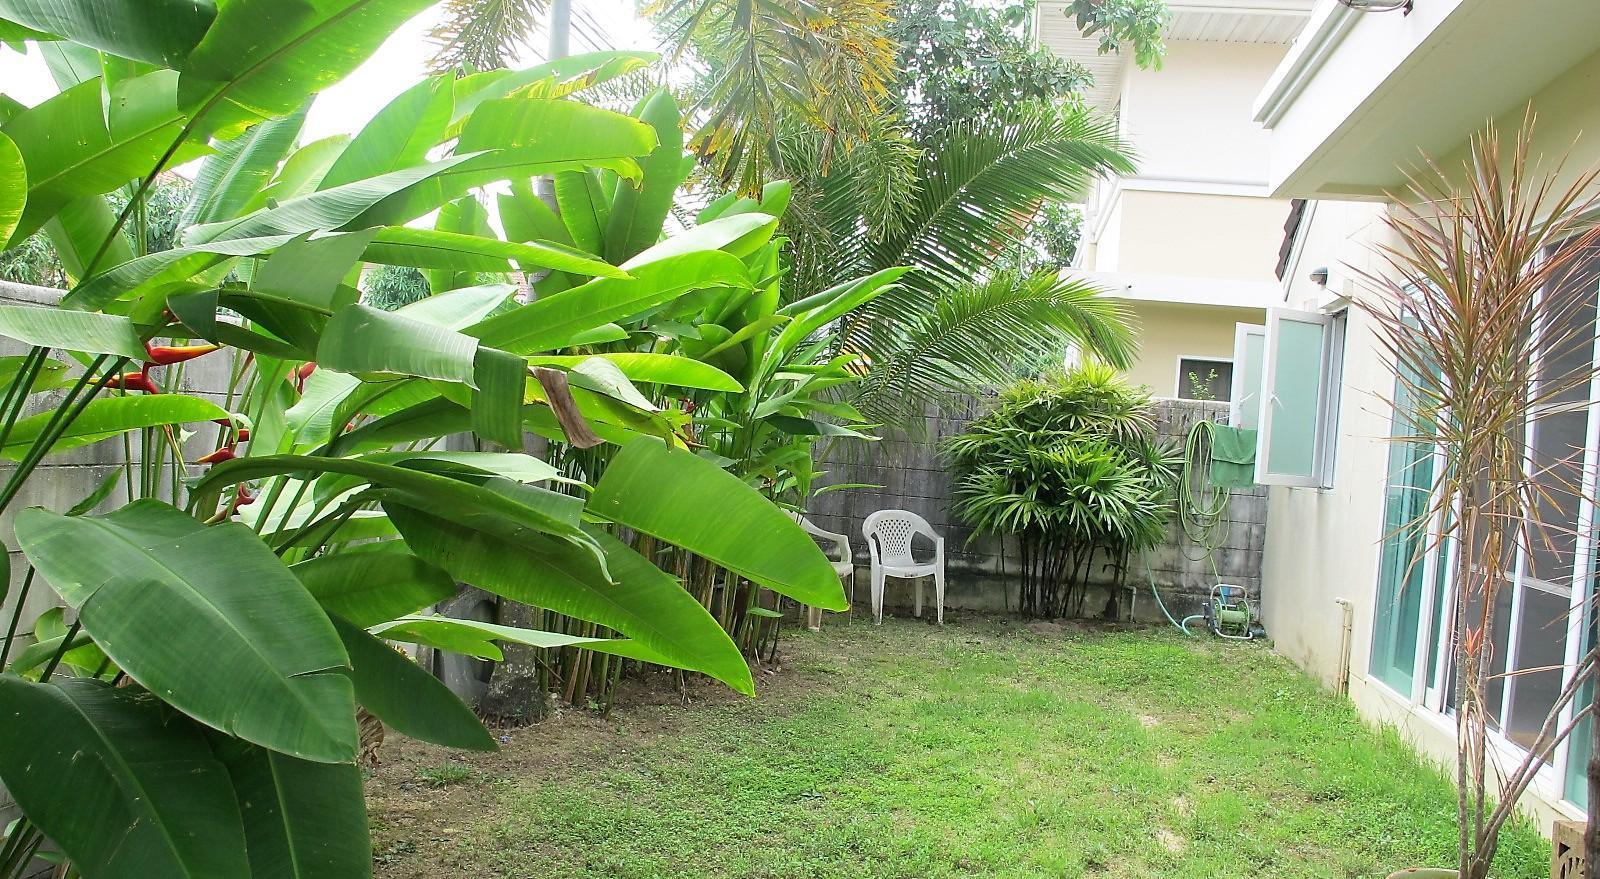 บ้านเดี่ยว 4 ห้องนอน 4 ห้องน้ำส่วนตัว ขนาด 175 ตร.ม. – ป่าคลอก